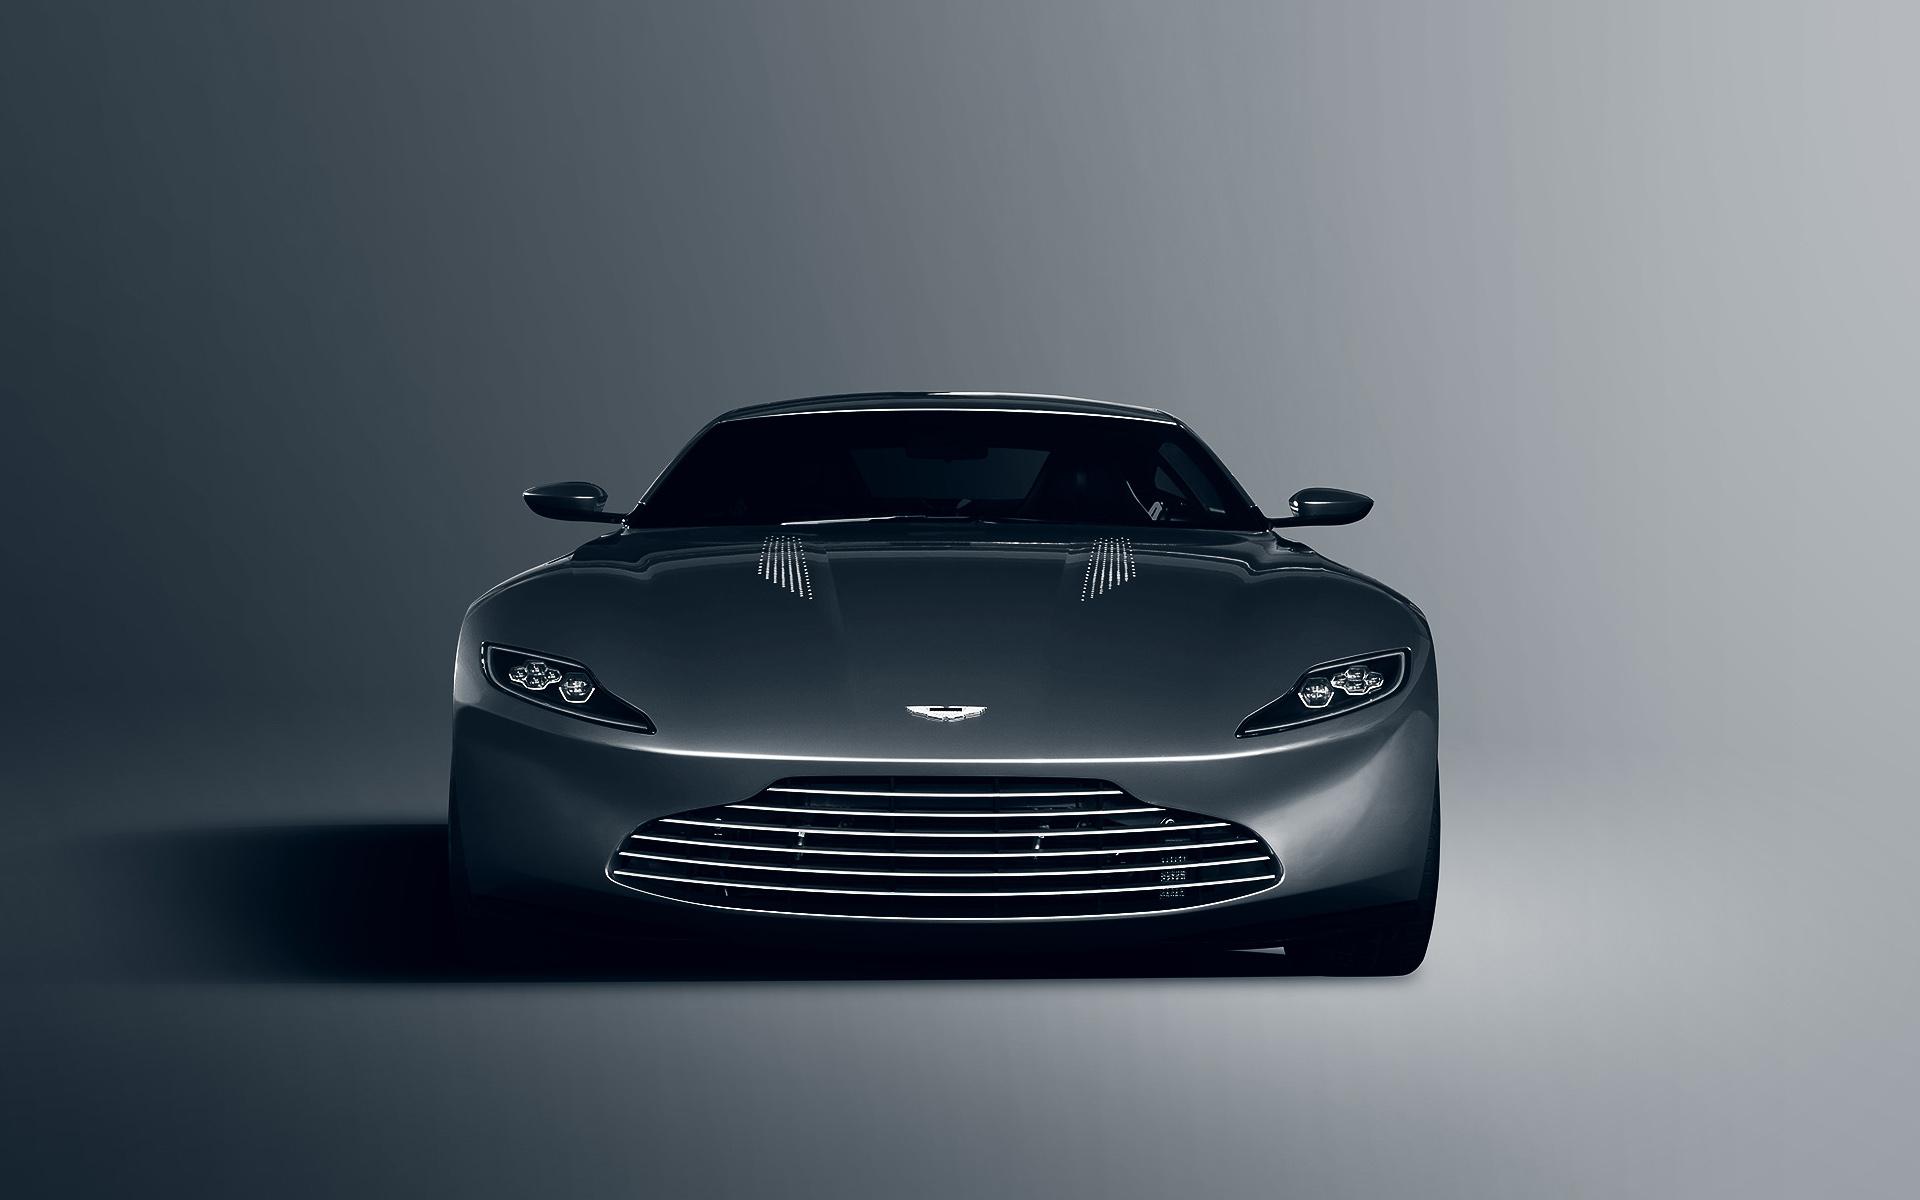 Aston Martin Db10 Wallpaper Hd Car Wallpapers Id 5948